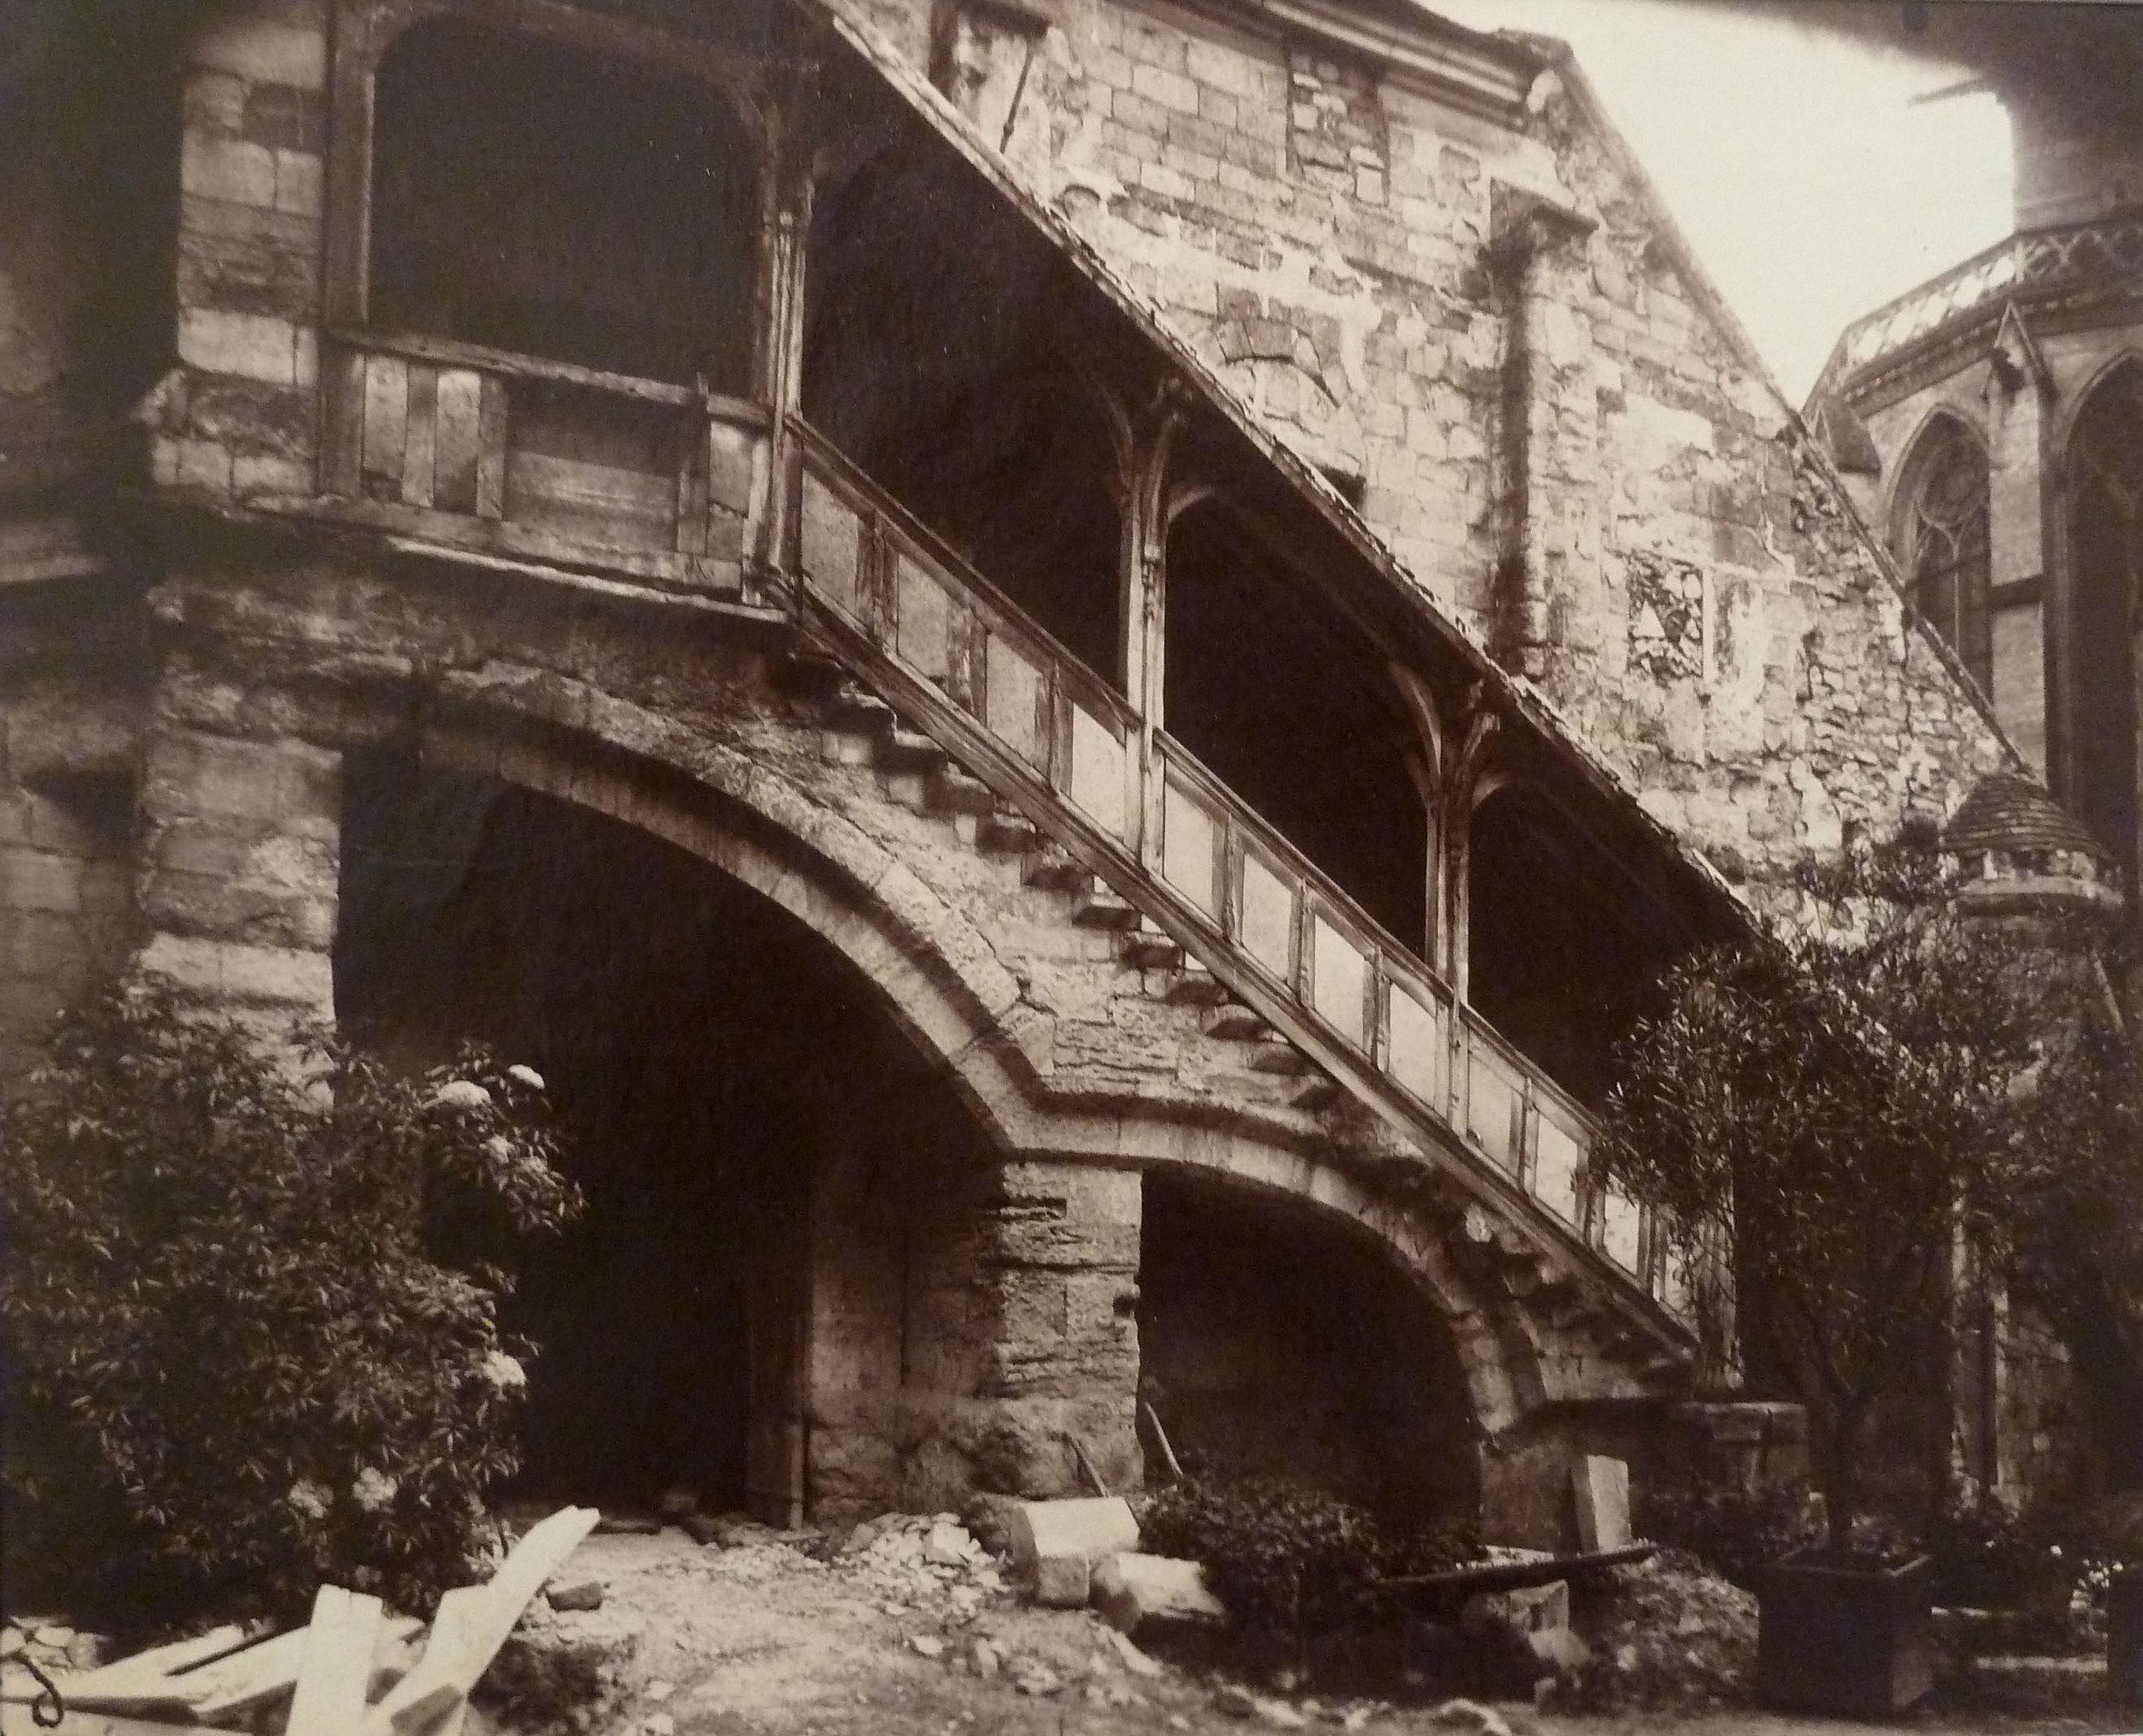 Meaux, Ancien Cloitre Chanoines, 1910